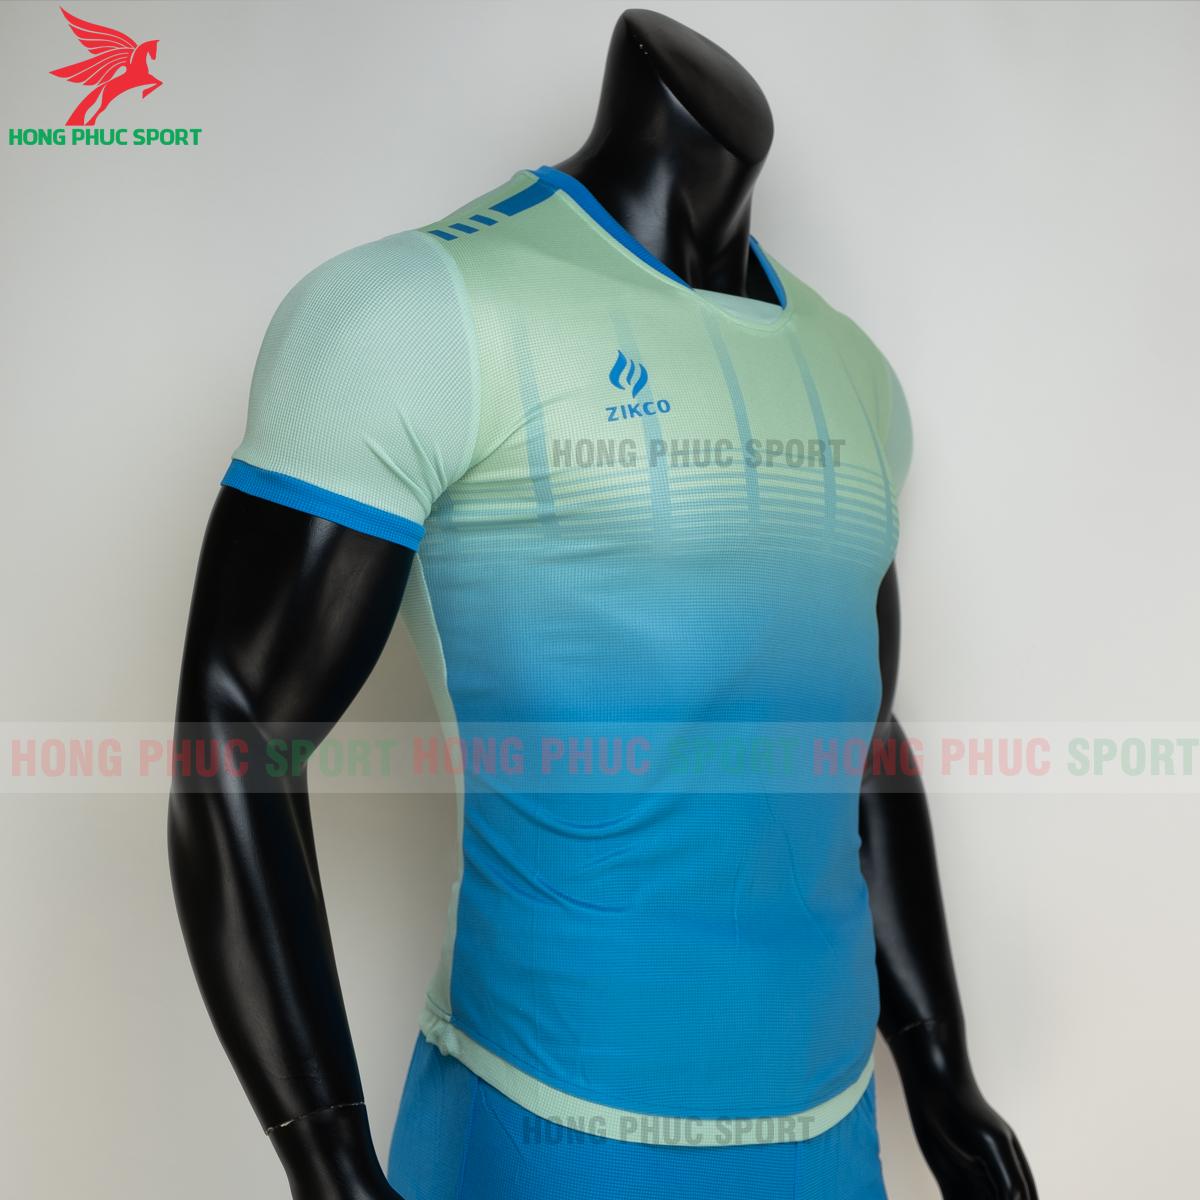 https://cdn.hongphucsport.com/unsafe/s4.shopbay.vn/files/285/ao-bong-da-khong-logo-zikco-z01-mau-xanh-ngoc-6-6050296f6ef98.png